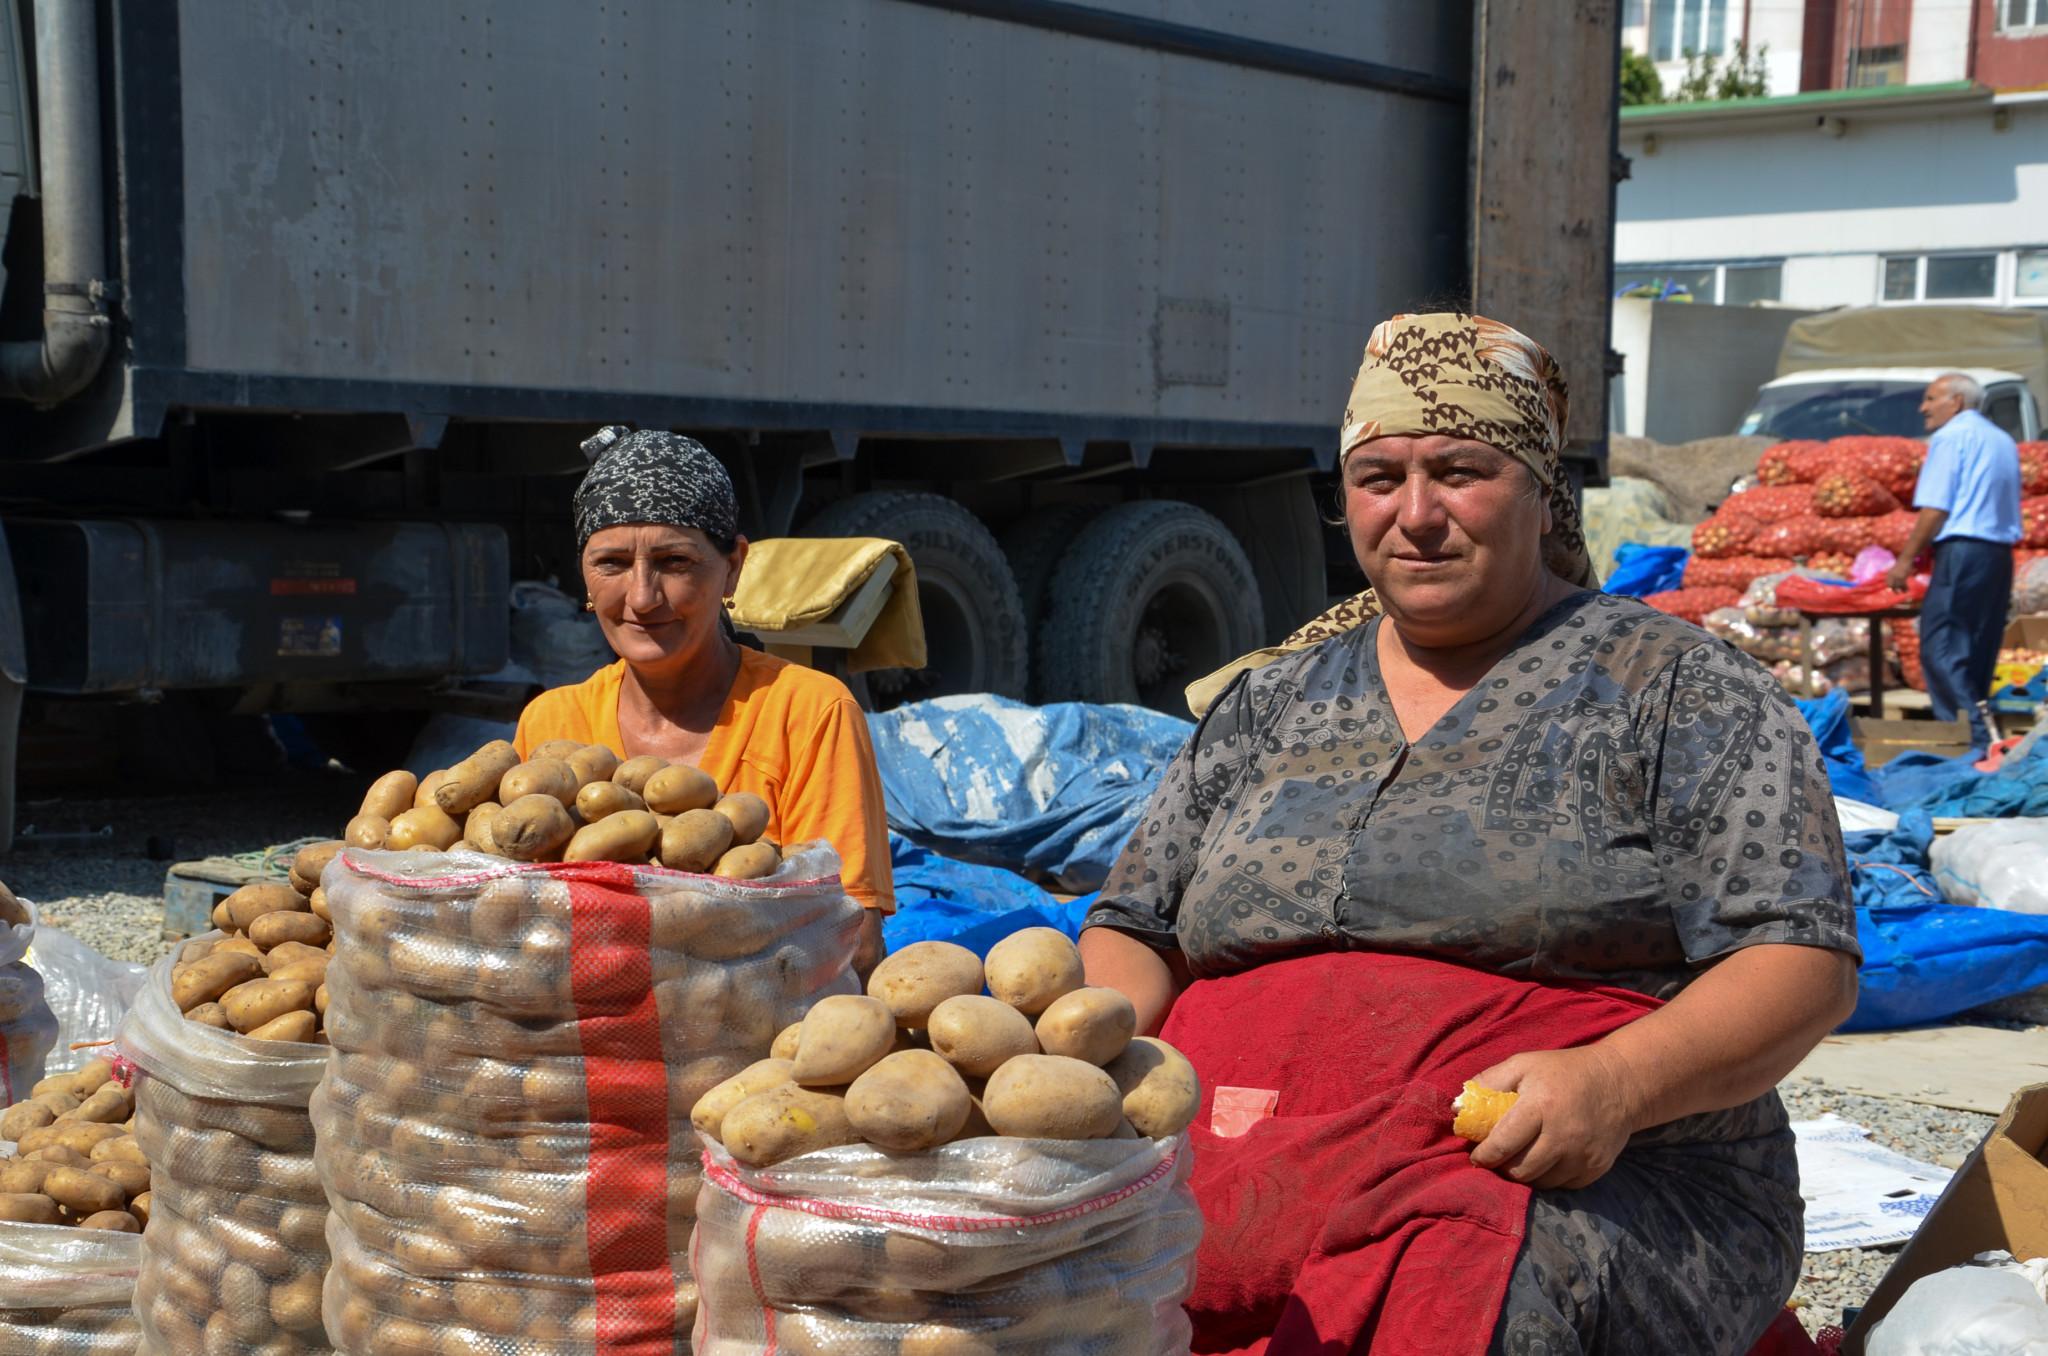 Kartoffeln gehören zum Aserbaidschan Essen dazu